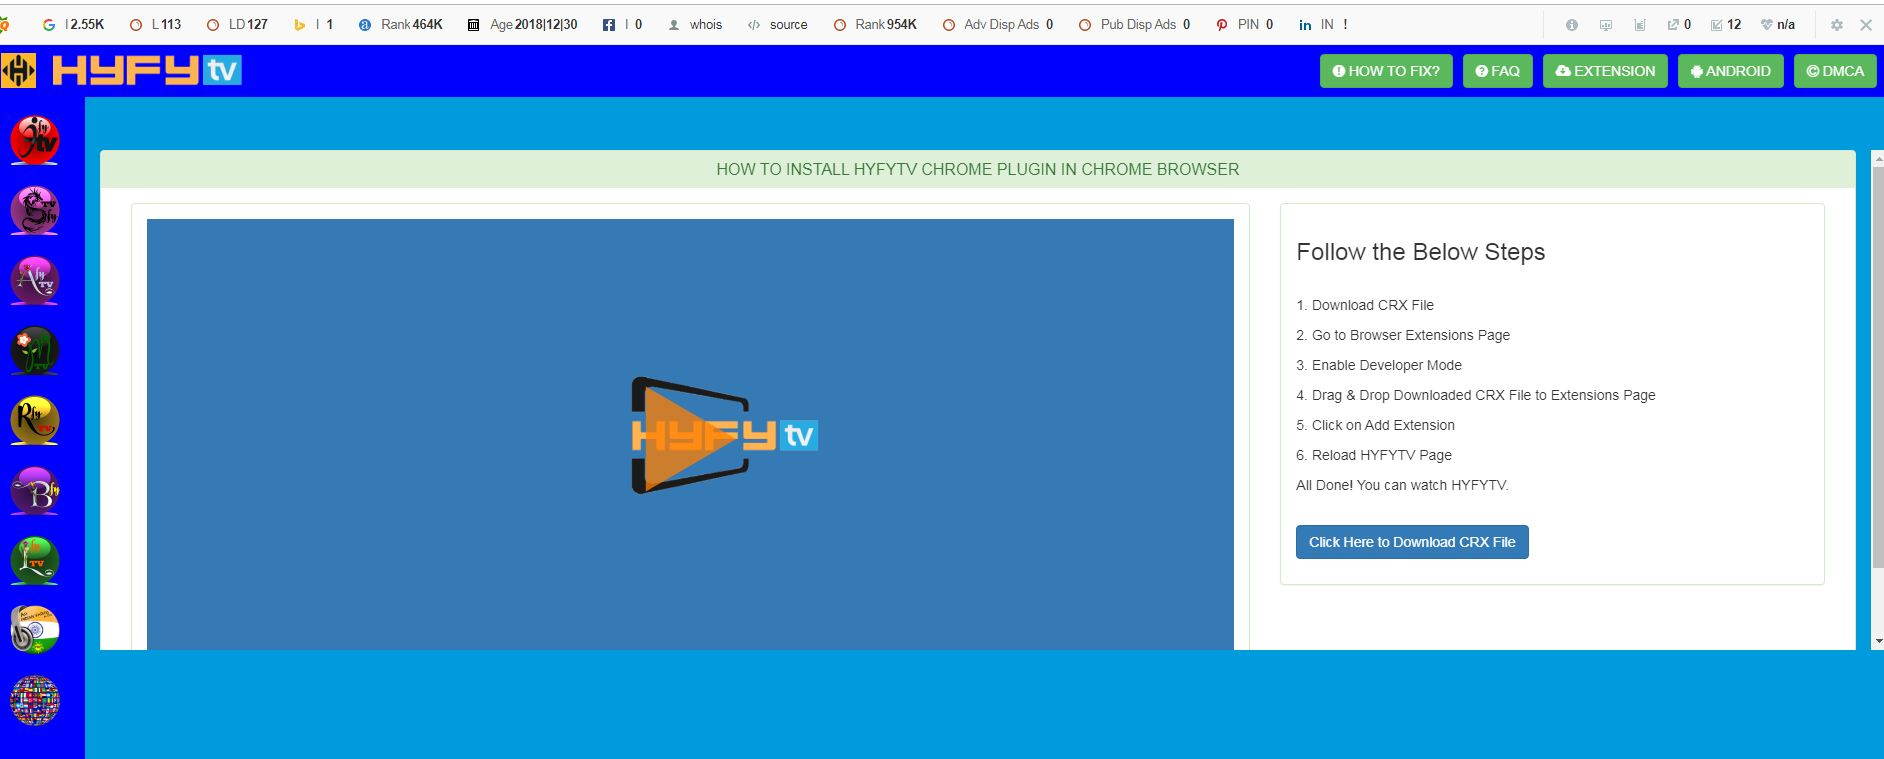 HYFY TV Website Image